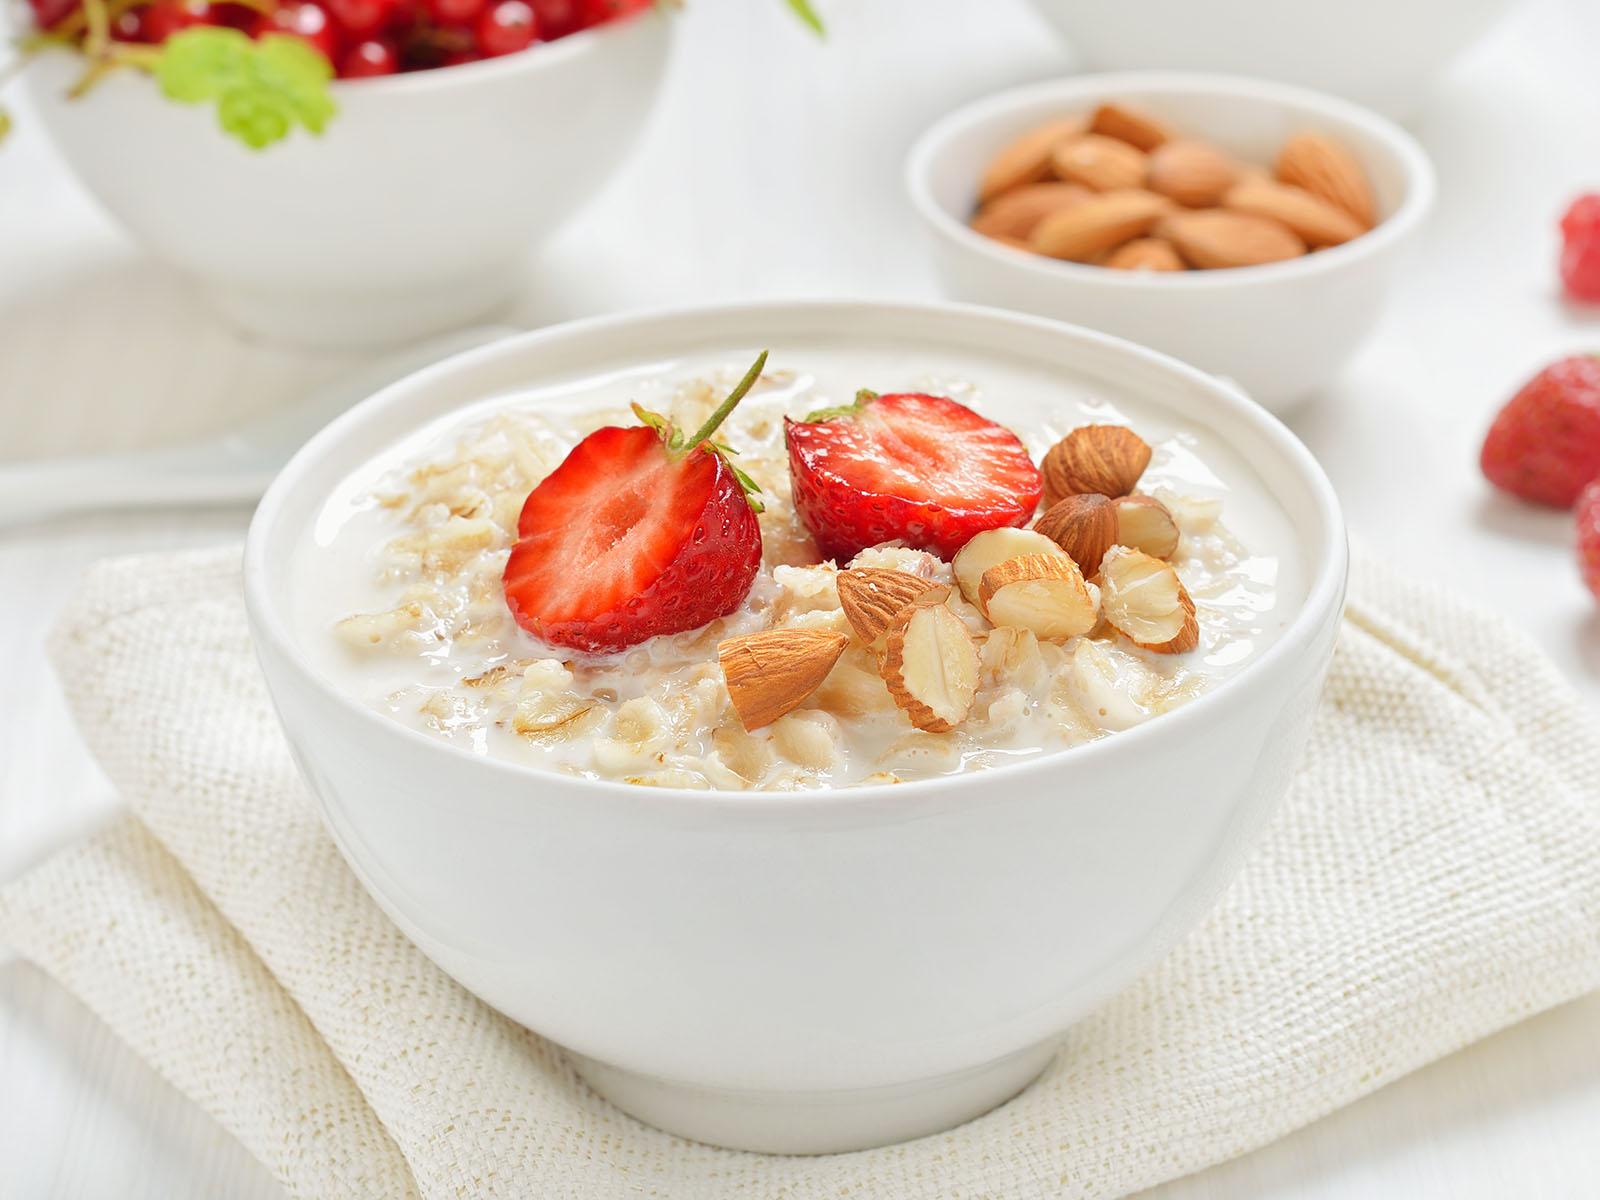 Porridge tradizionale con fragole